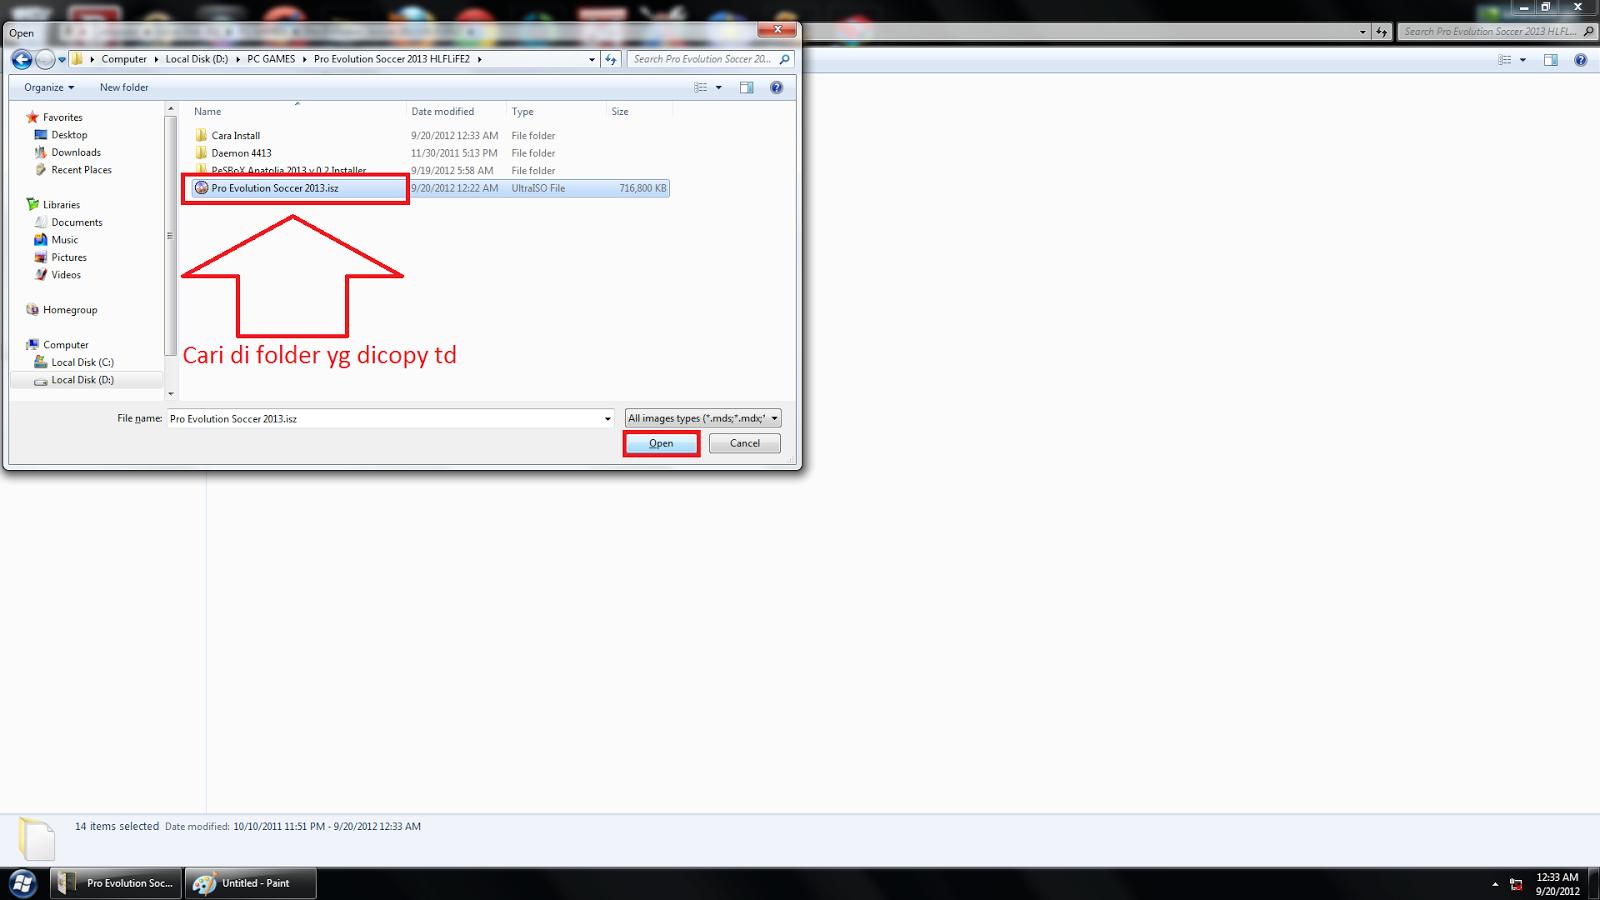 Cara Install Pes 2013 Dengan Daemon Tools | Xenda PC Games™